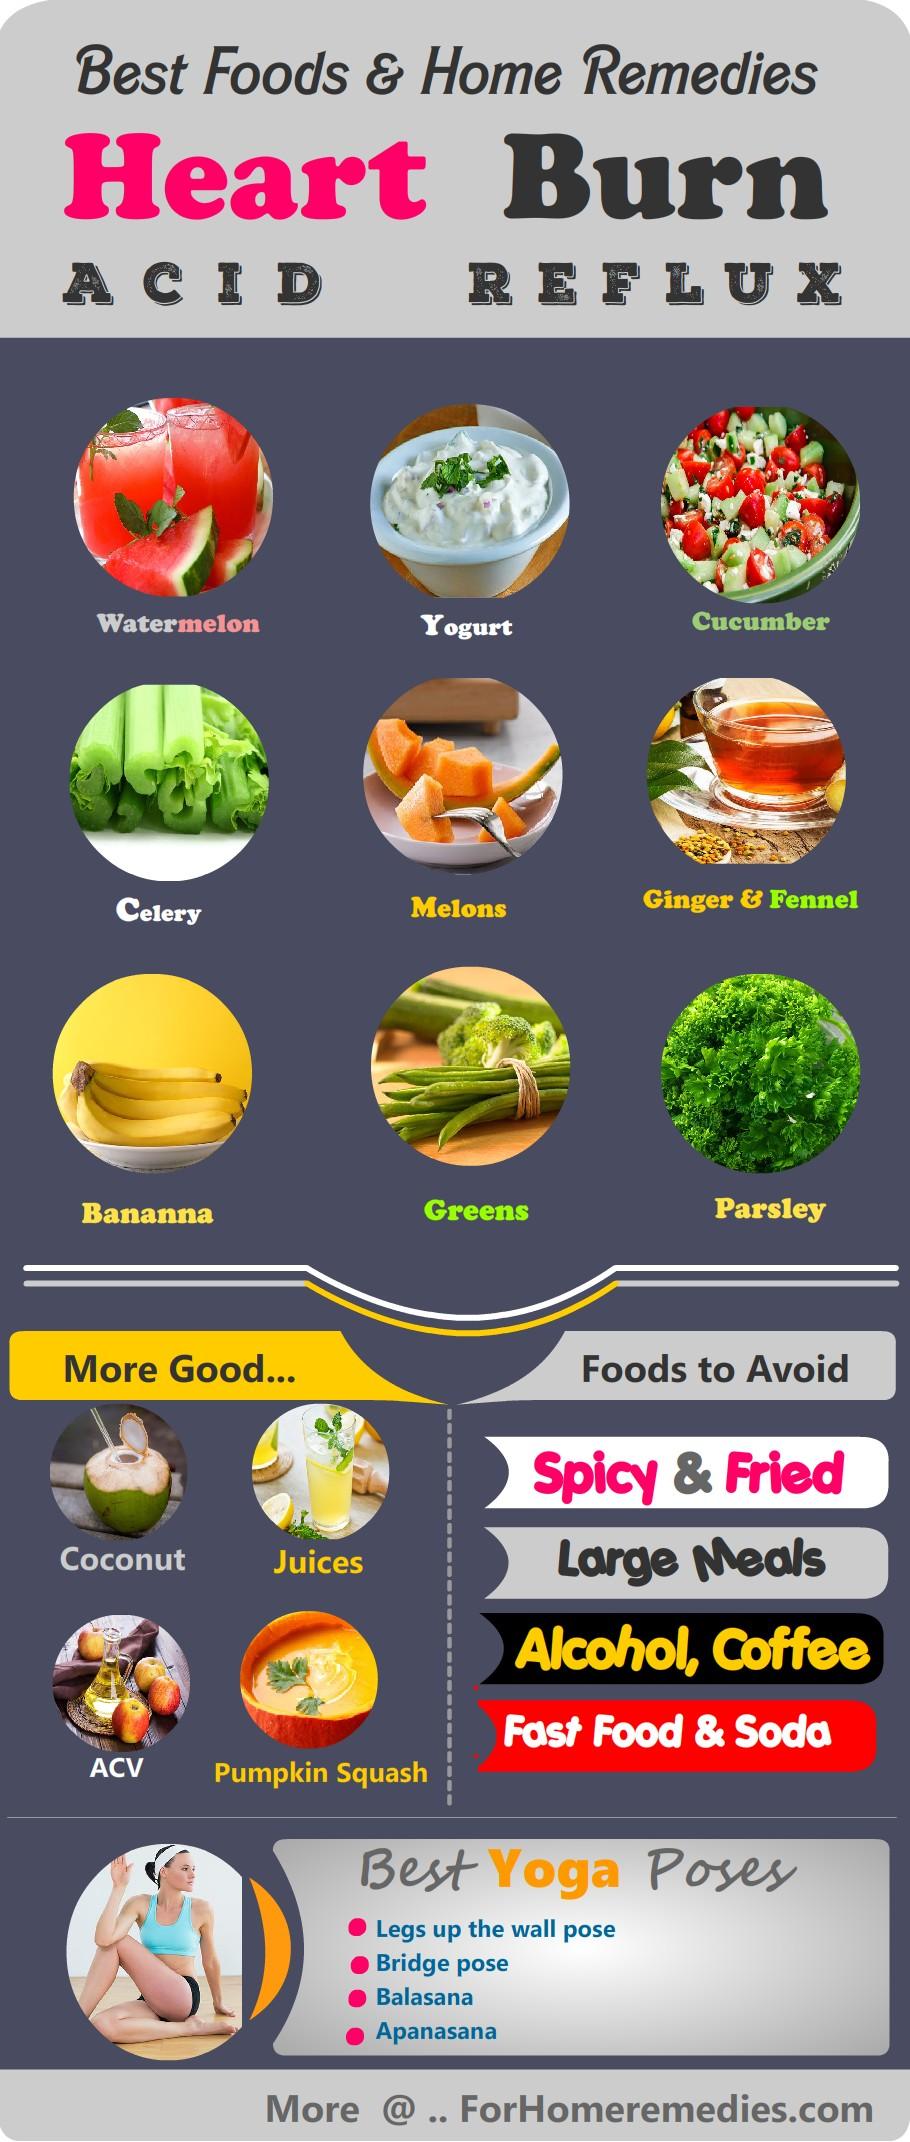 reflux acid heartburn foods gerd remedies heart burn acidity quick